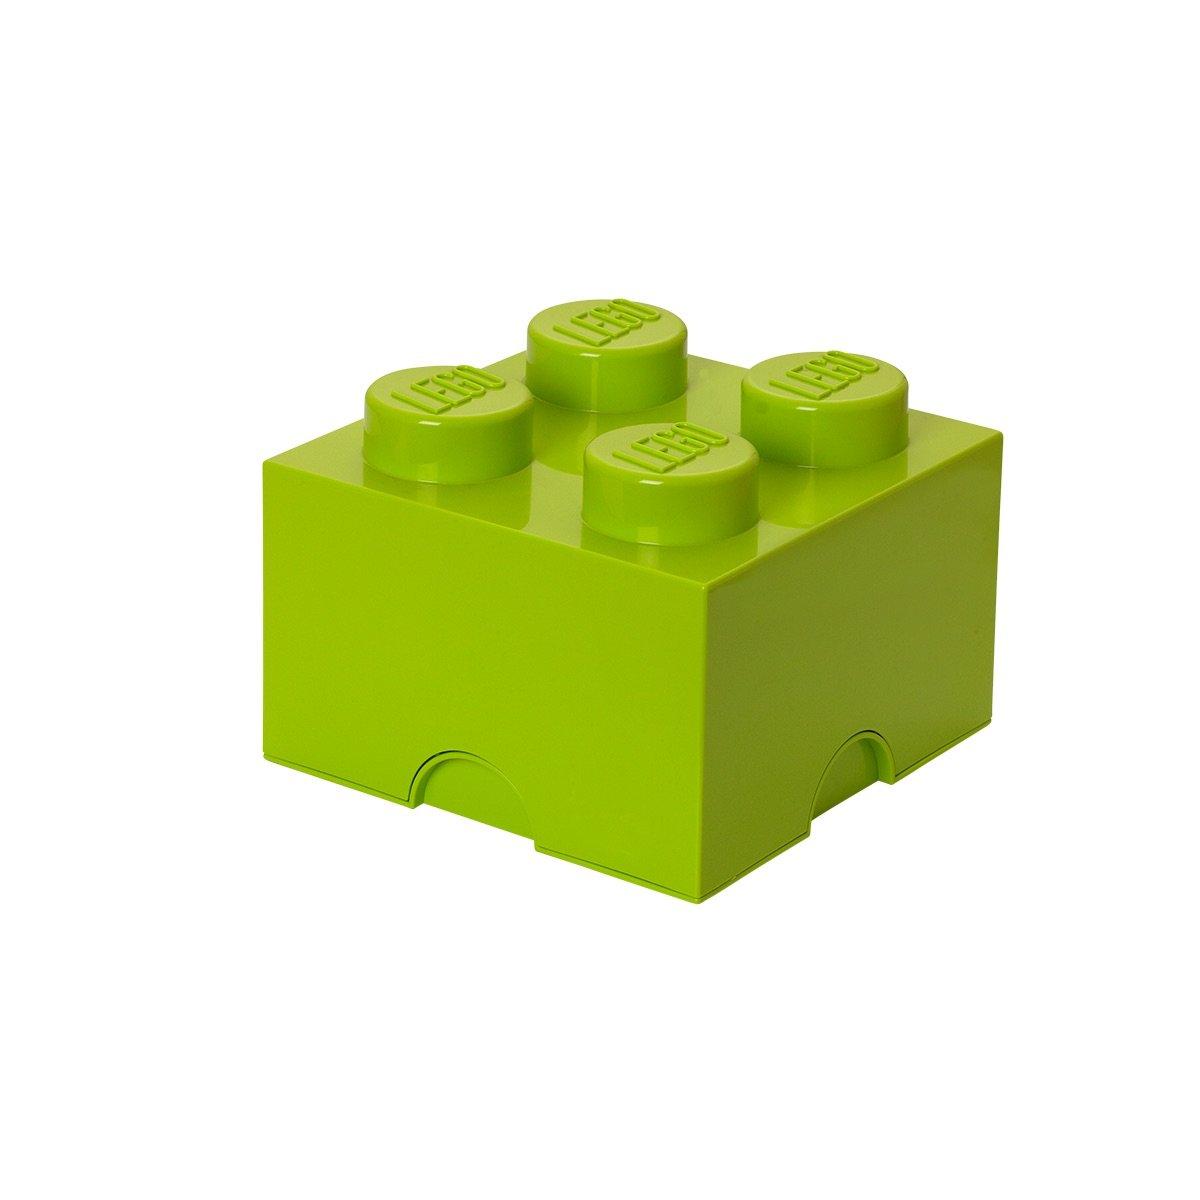 Lego Boîte de rangement en forme de brique Lego Vert anis Taille M ROOM COPENHAGEN 40030620